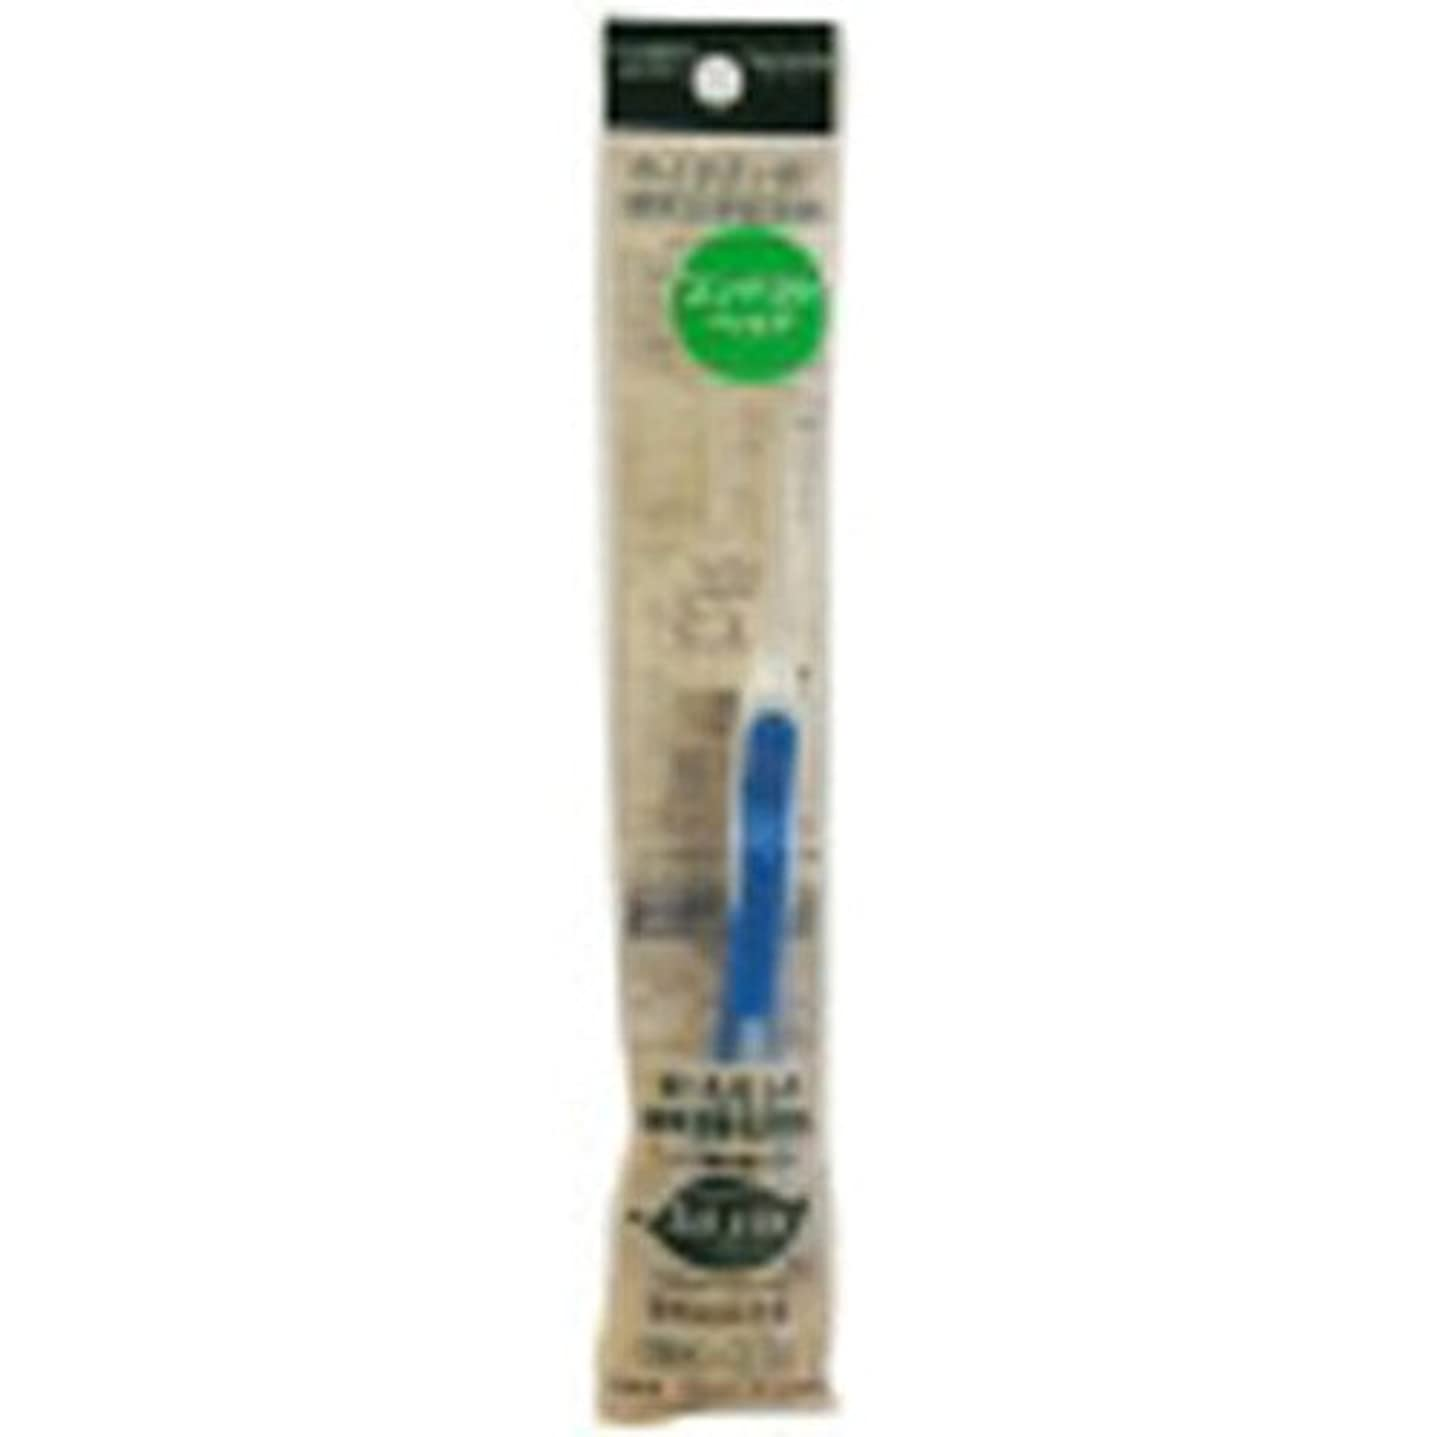 防ぐ提唱する運賃サレド ヘッド交換式歯ブラシ お試しセット コンパクトヘッド ブルー